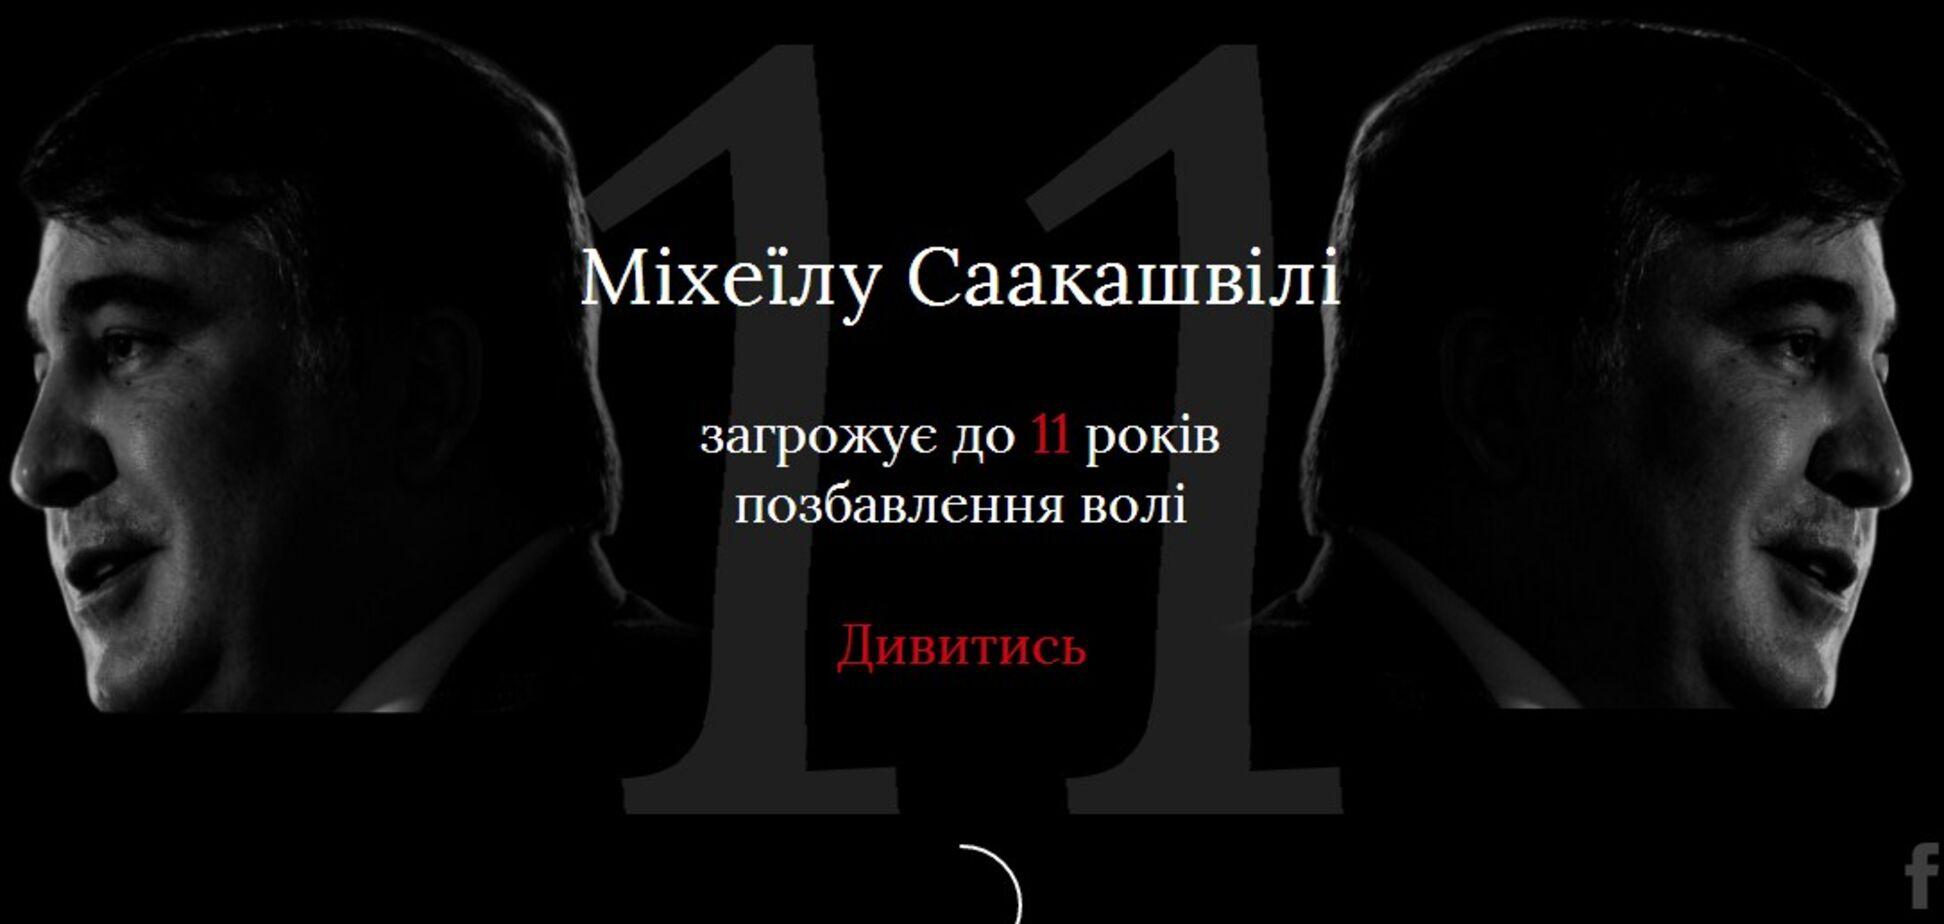 Темные дела: в сети появился сайт о преступлениях Саакашвили